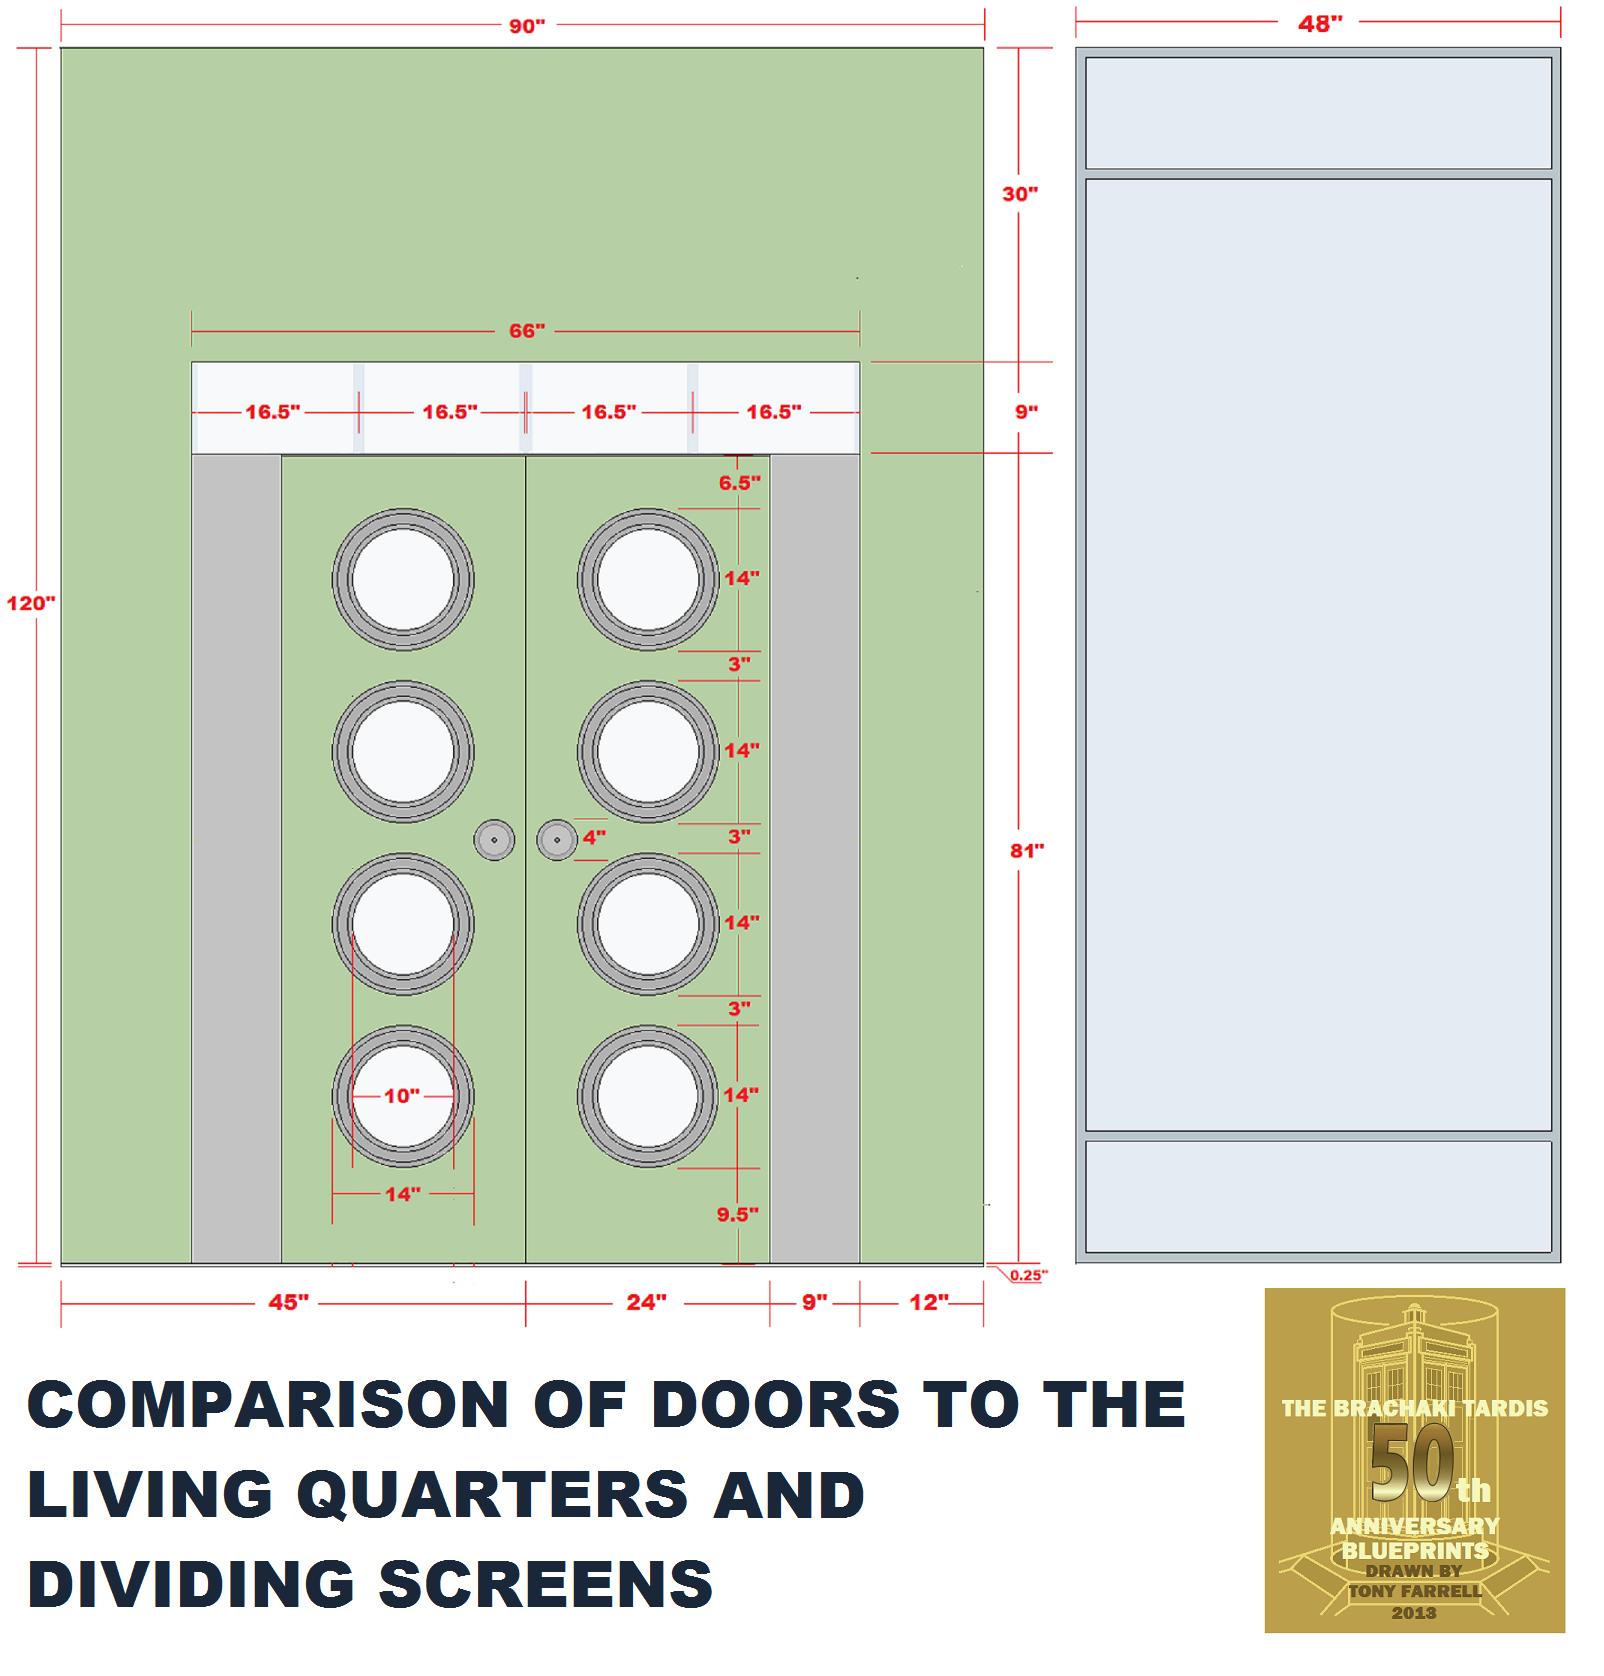 living quarters doors dividing screen comparison.png